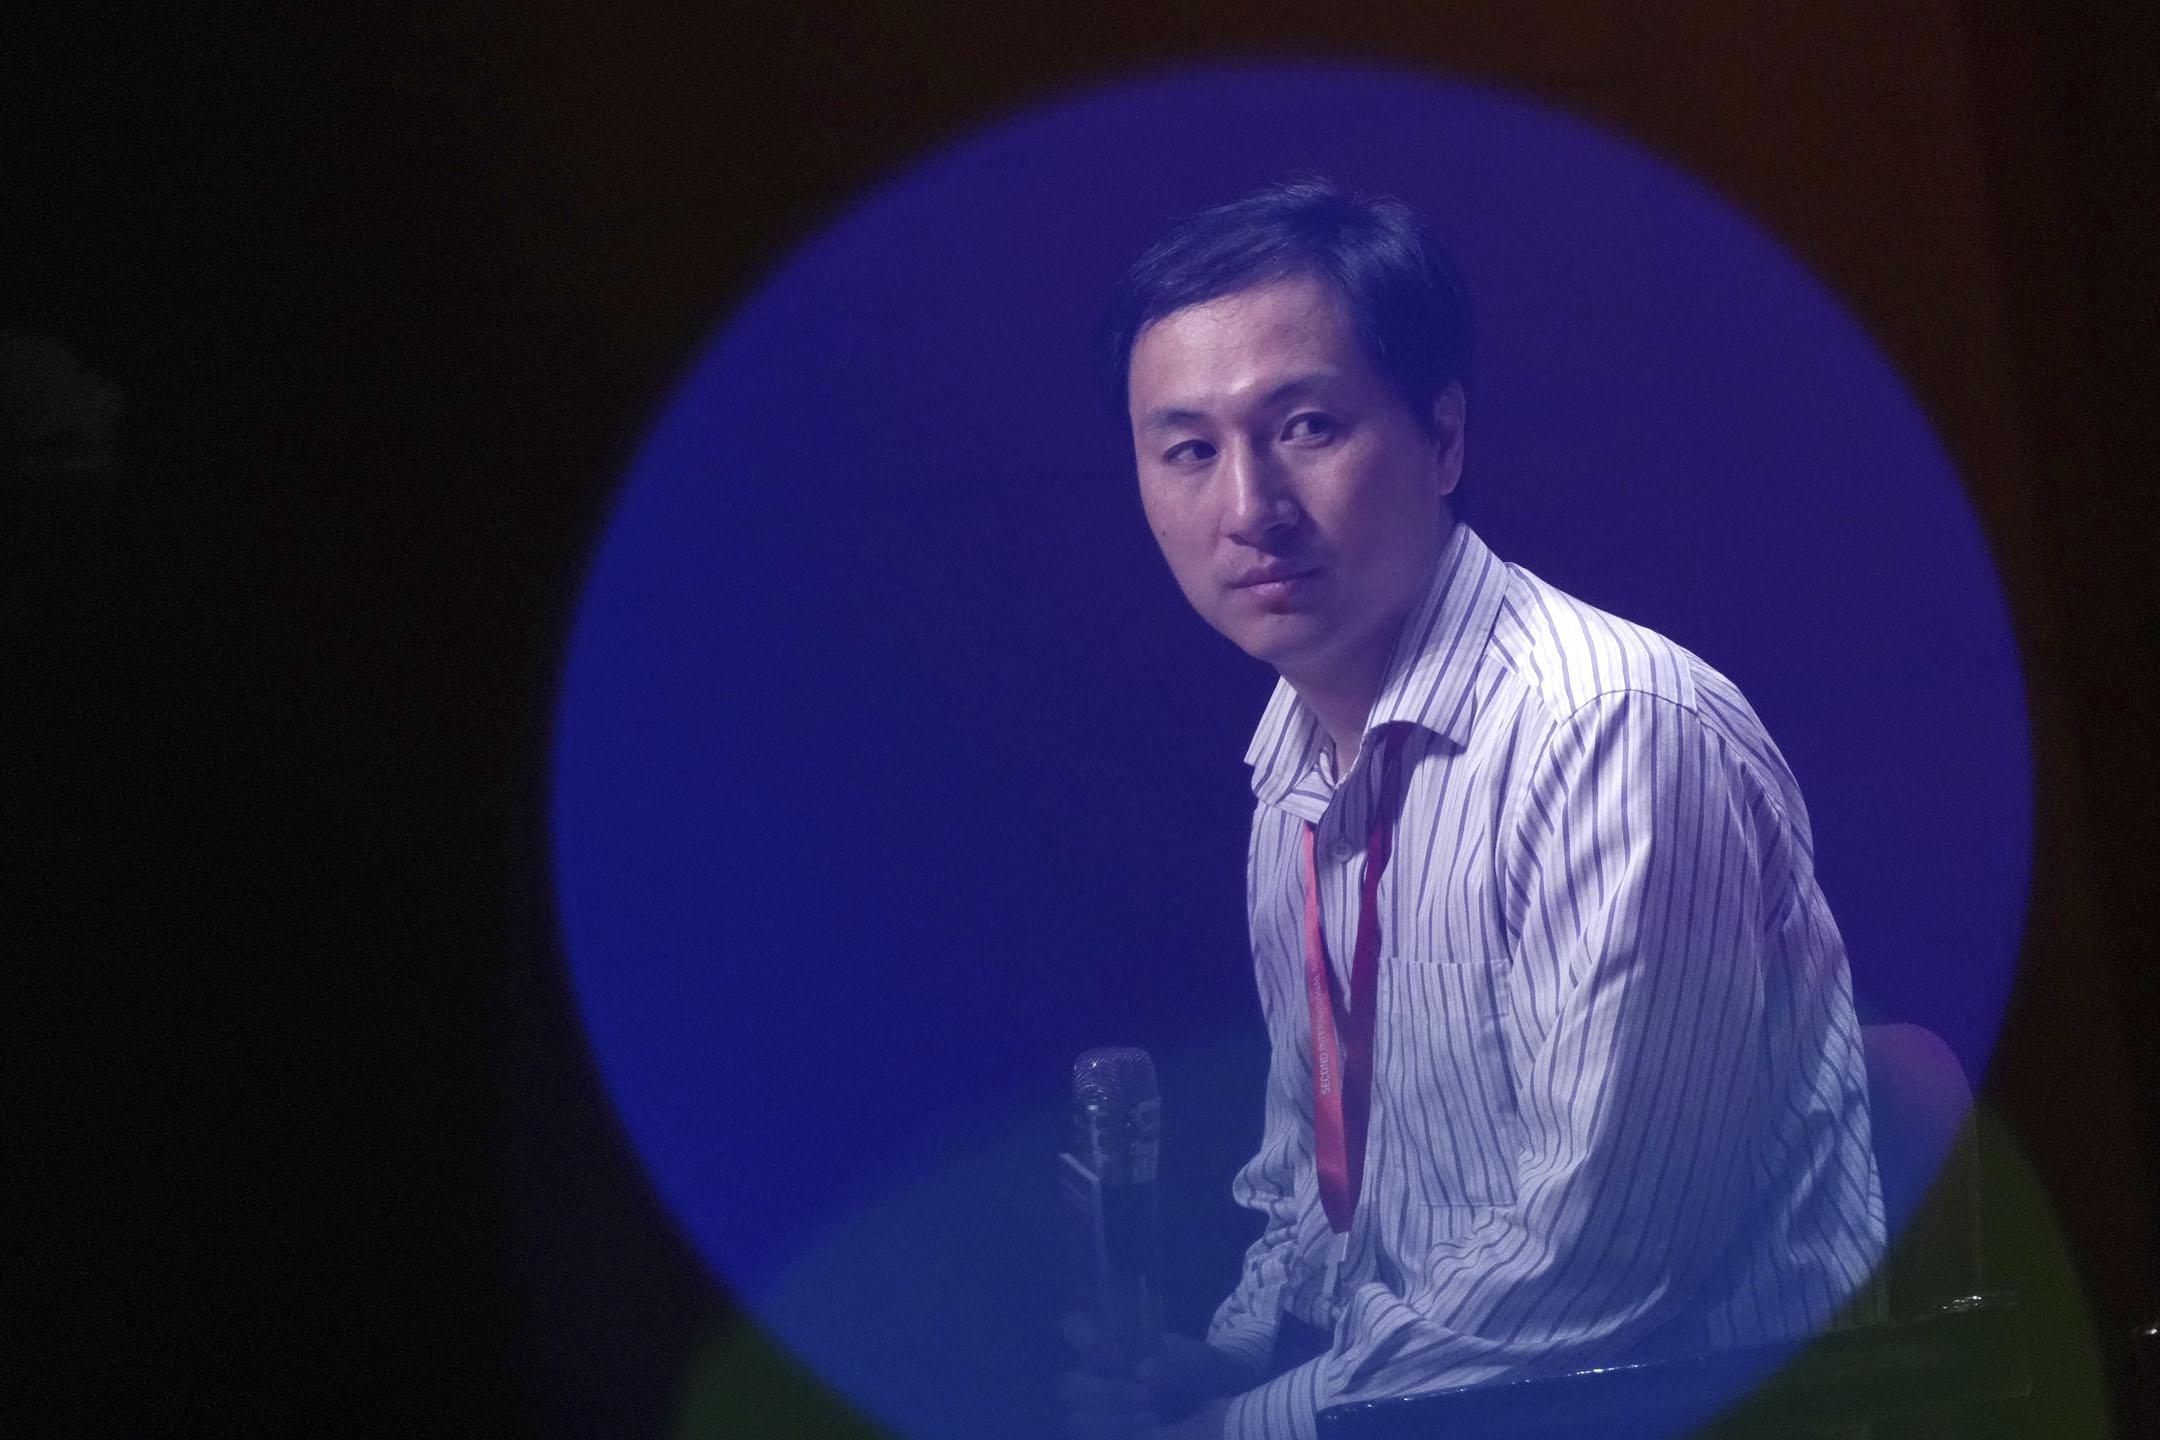 2018年11月28日,中國大陸科學家賀建奎出席在香港大學舉辦的基因編輯國際峰會,並發表演講。 攝:Anthony Kwan/Bloomberg via Getty Images